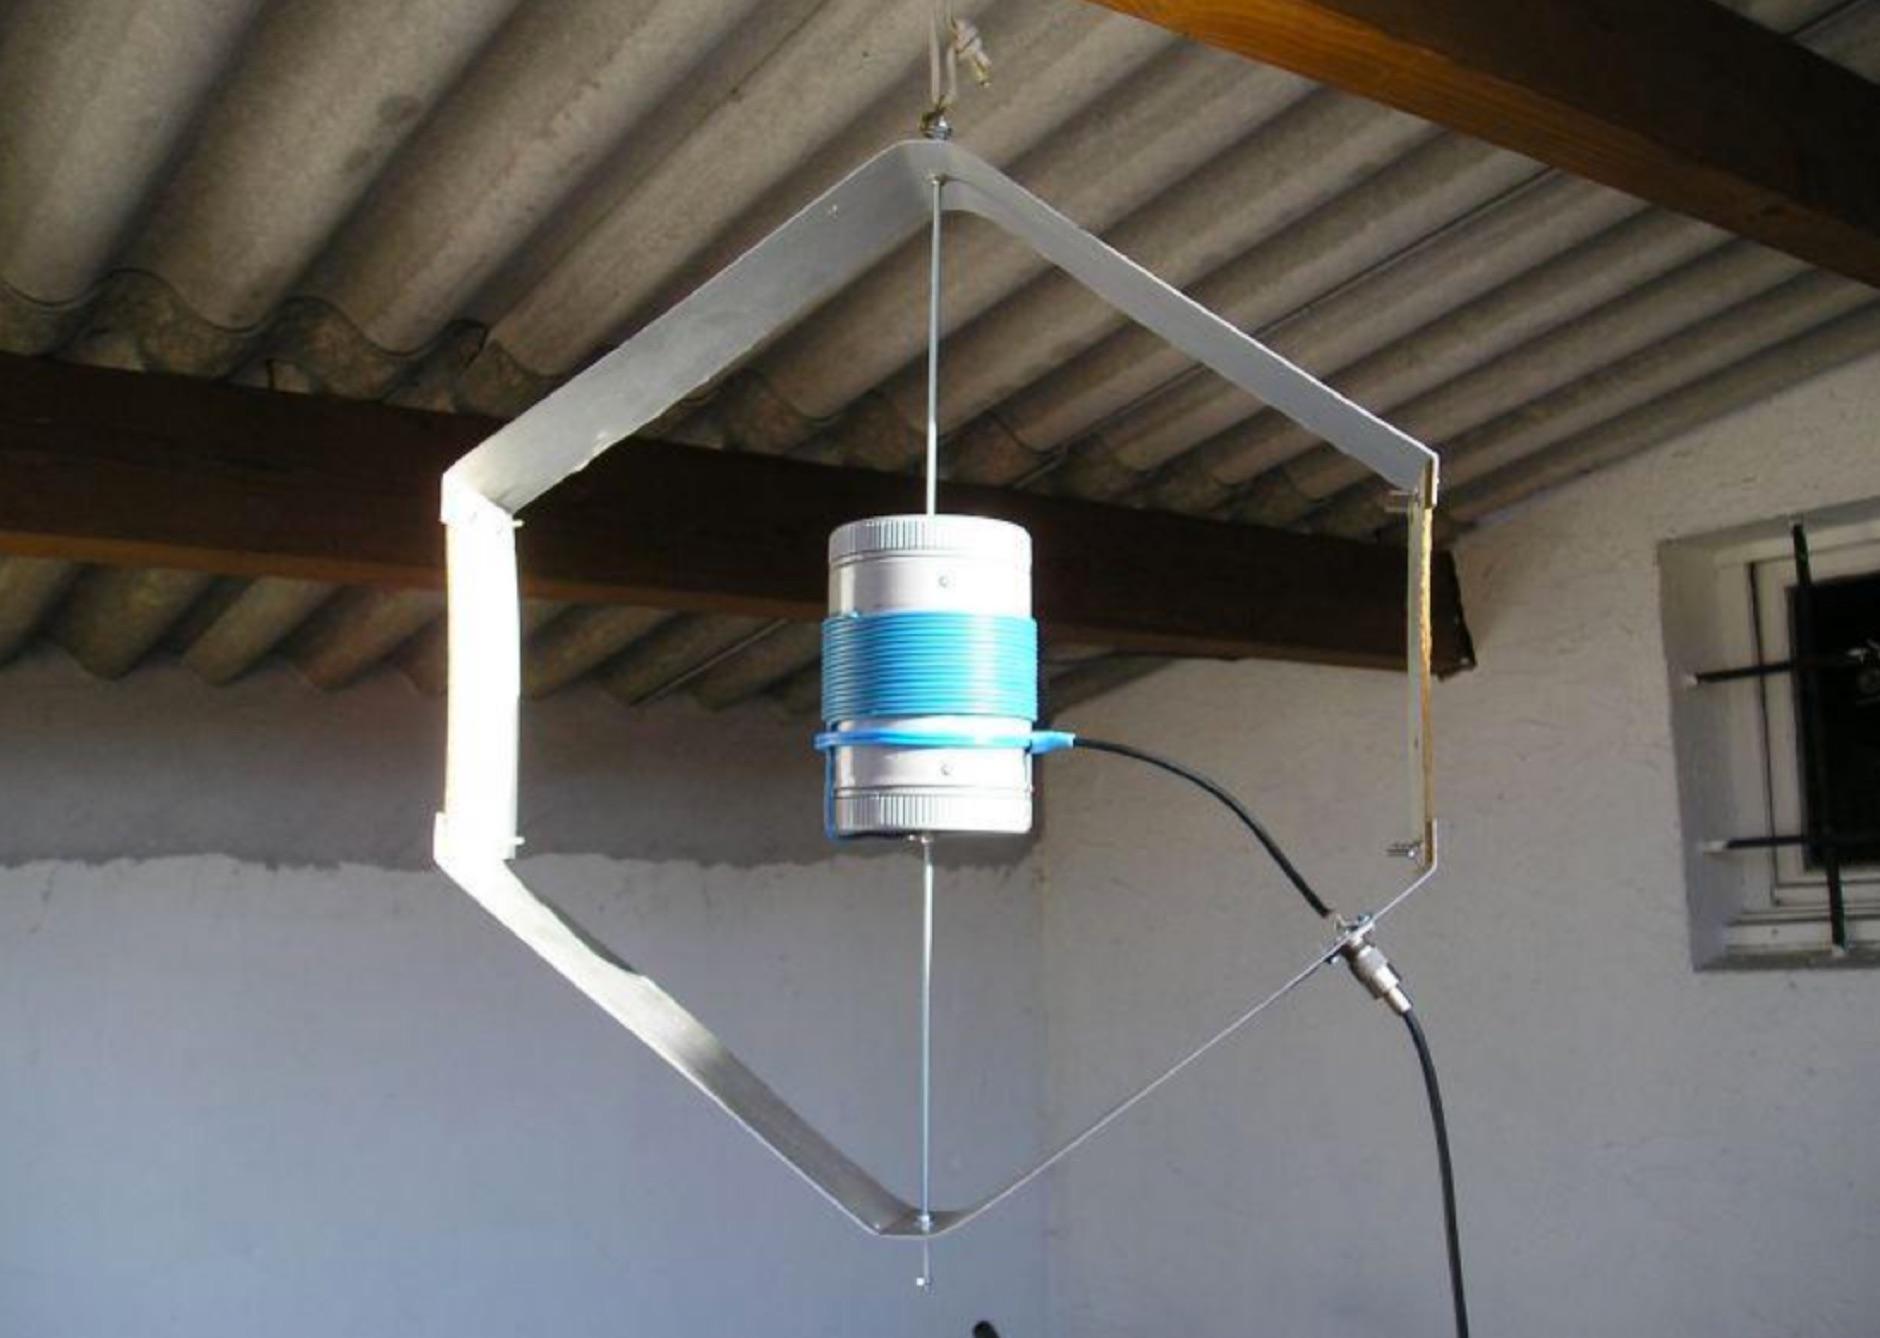 Данный экземпляр антенны рассчитан на работу в 40-метровом диапазоне.